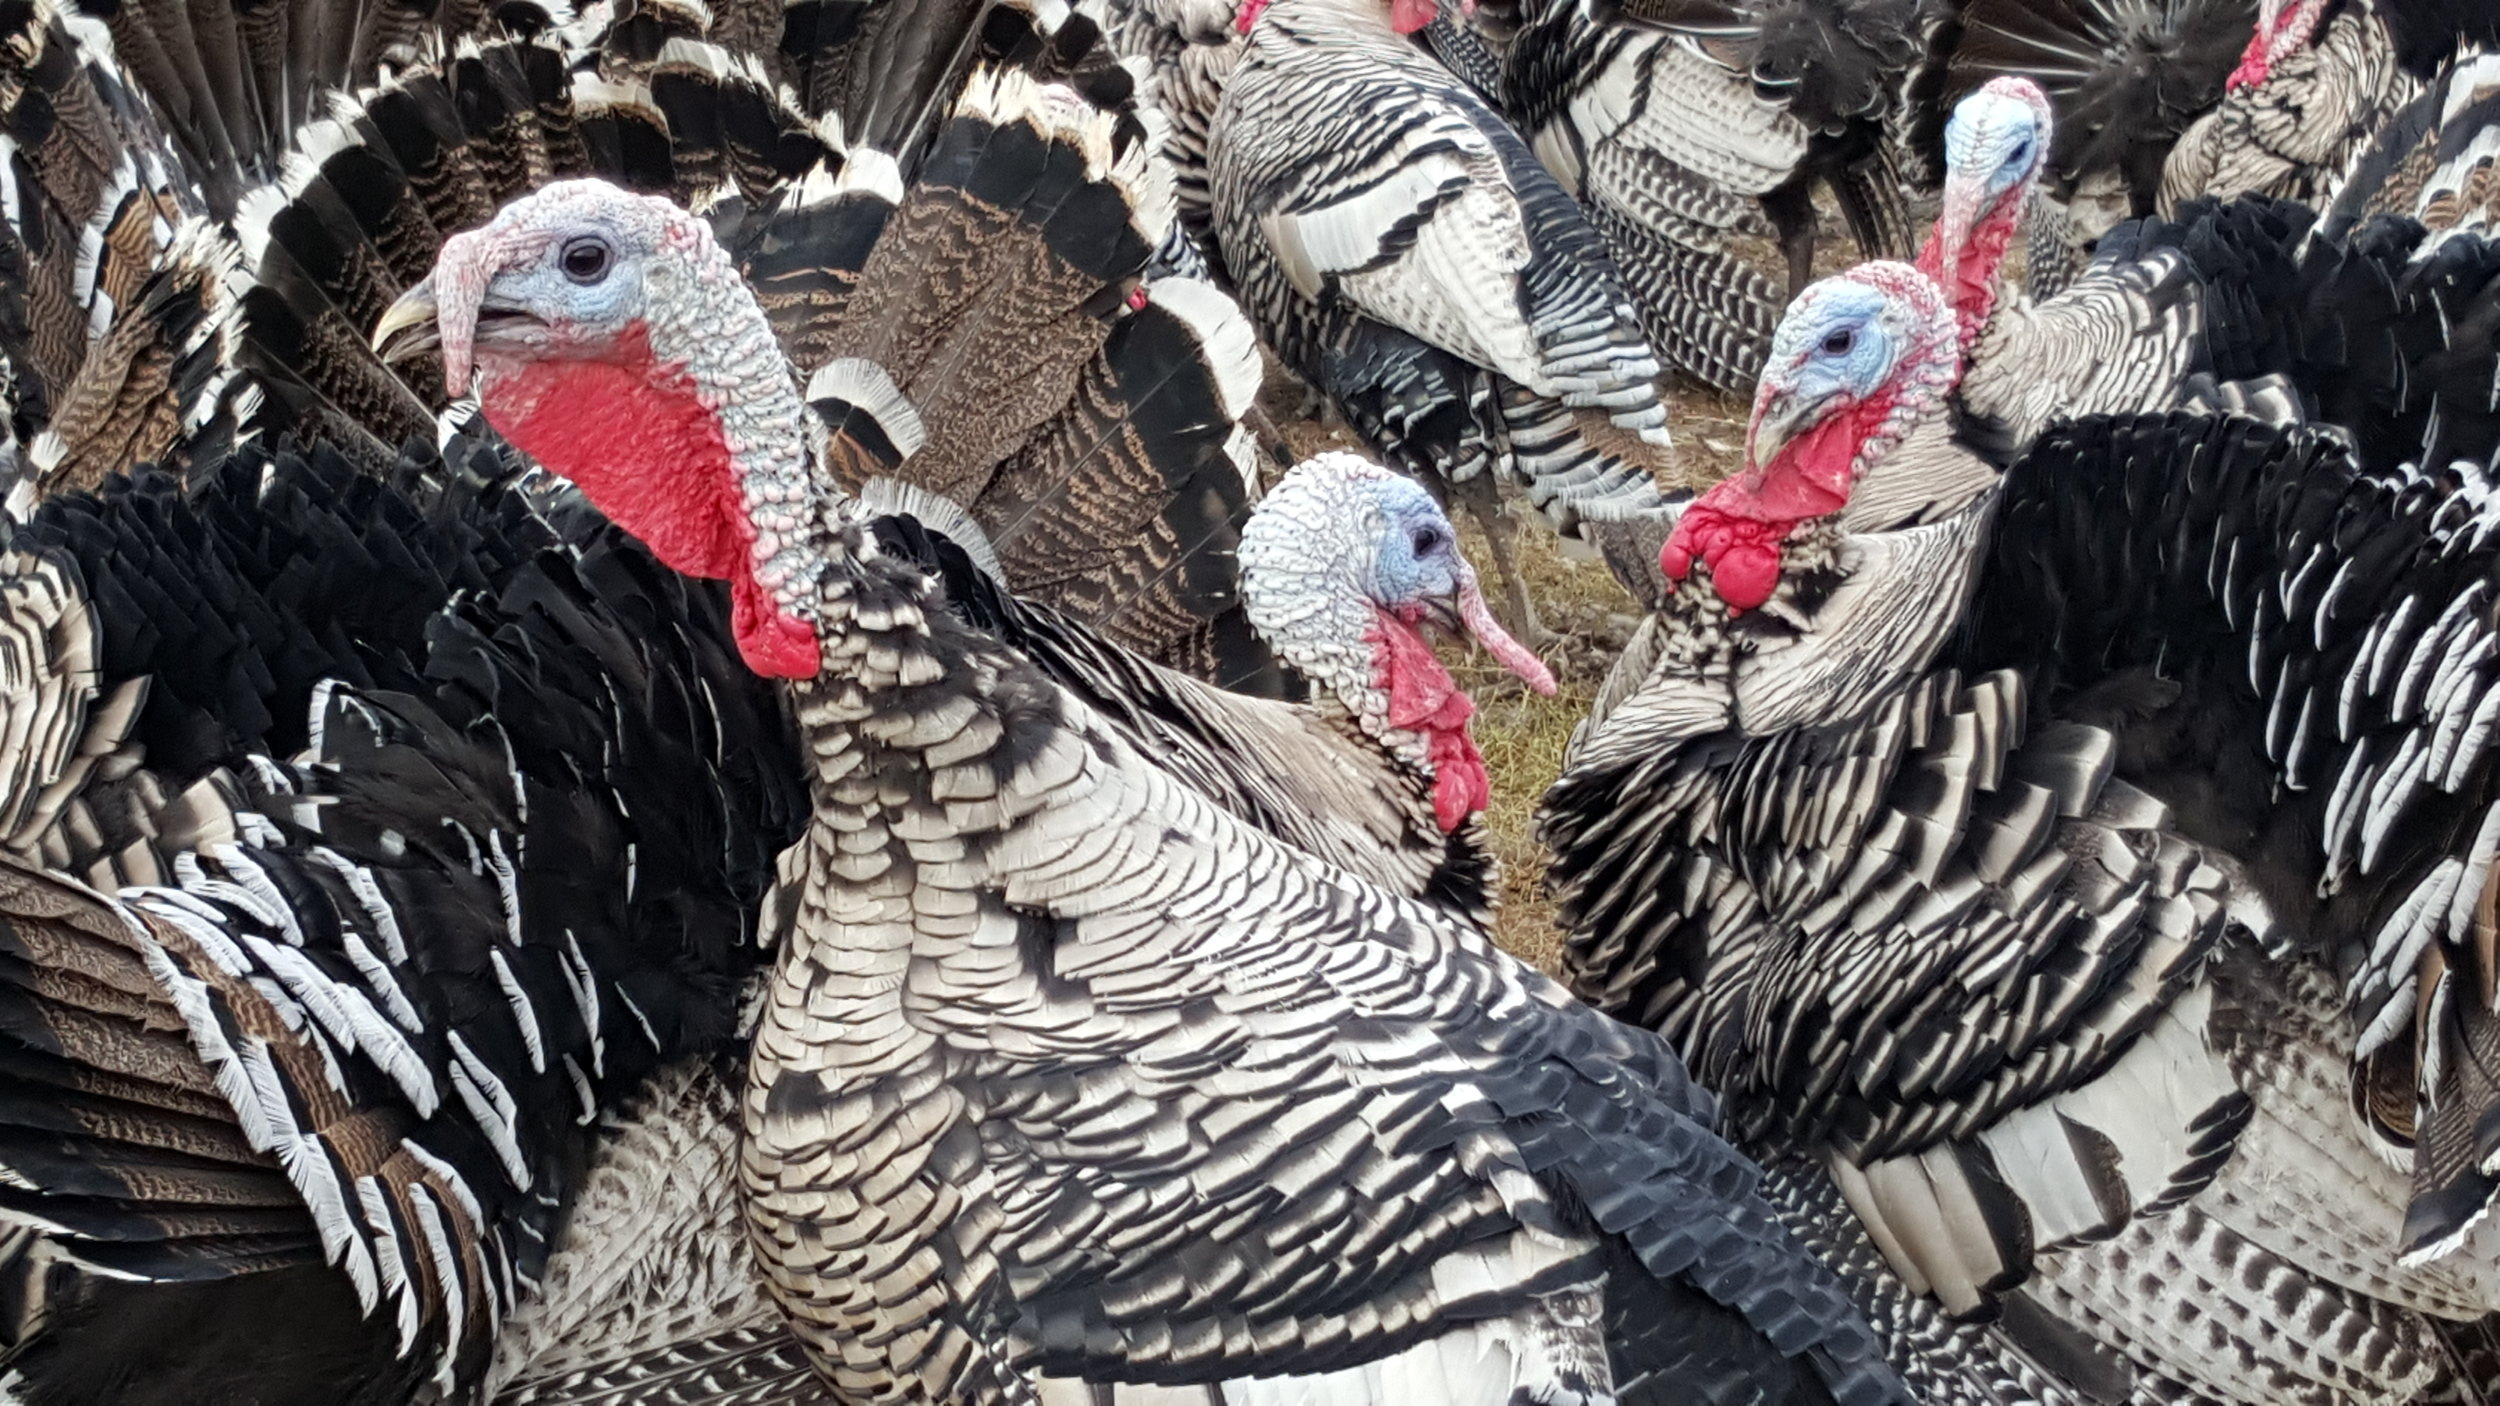 Narragansett turkeys 101715.jpg